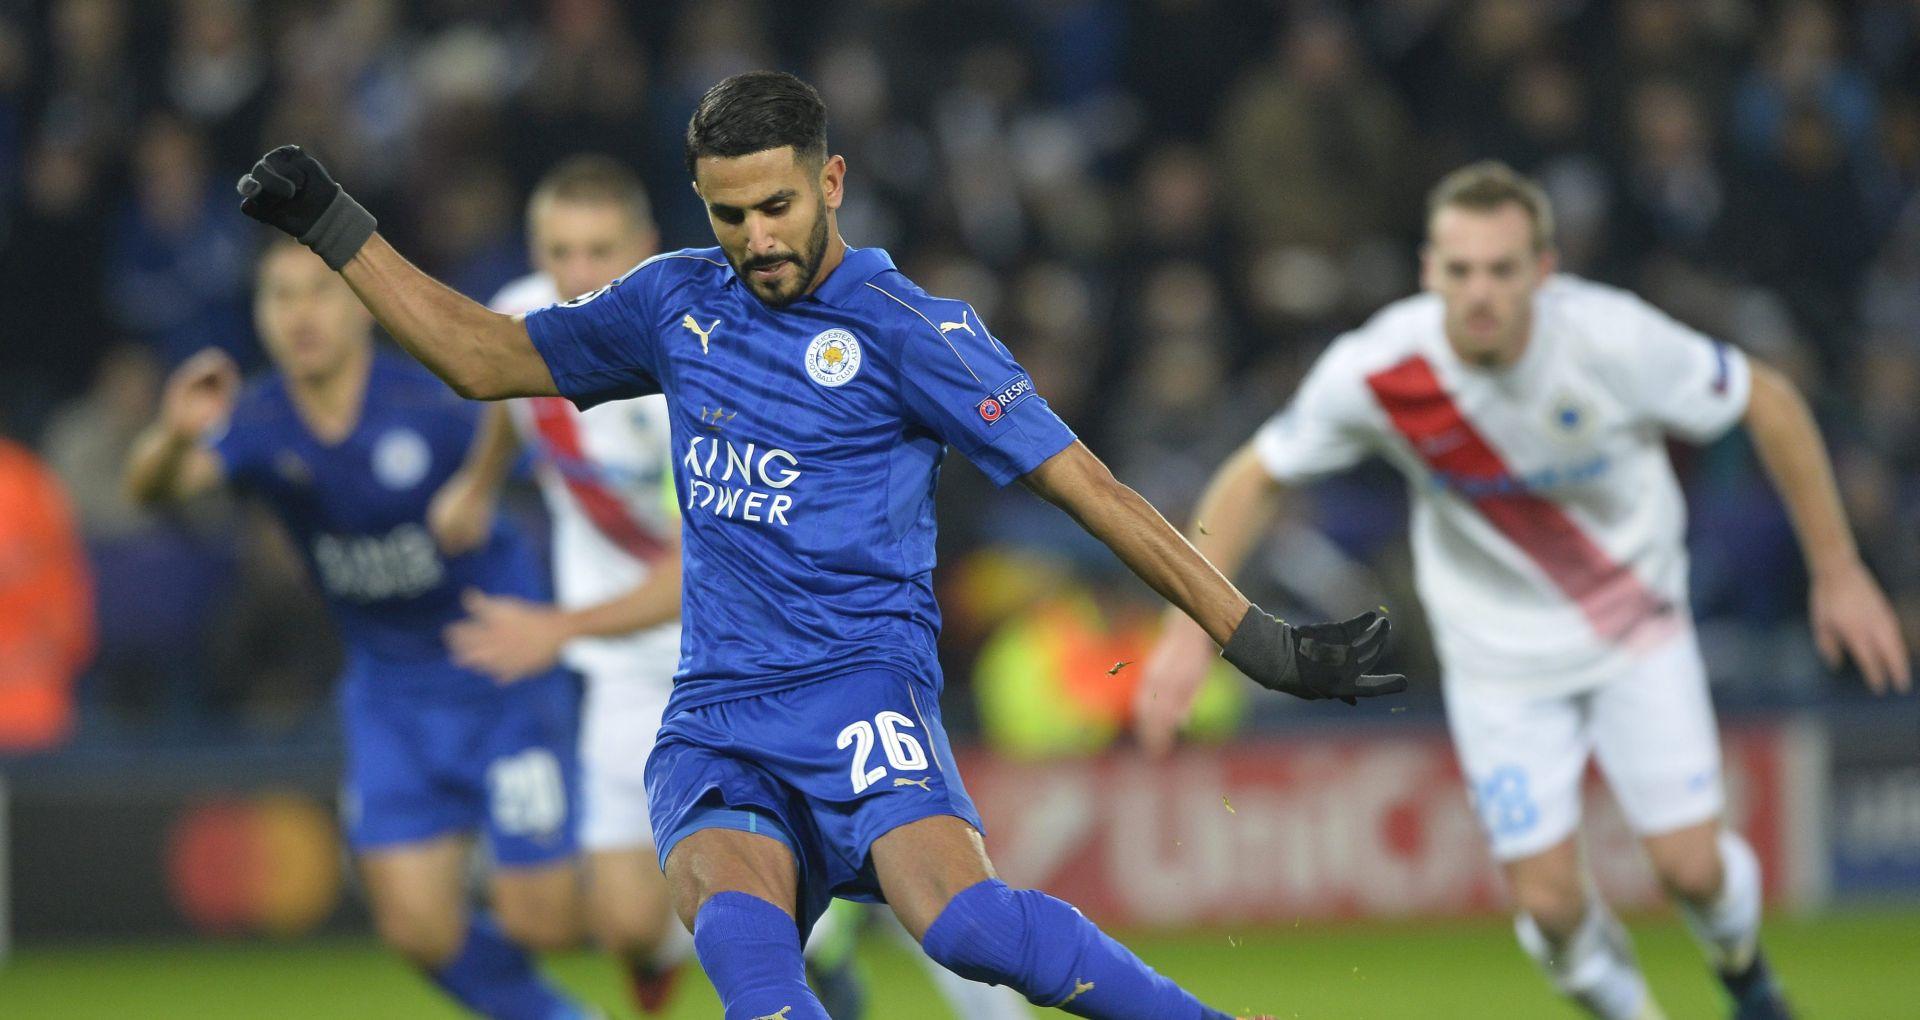 DEBITANTSKA SEZONA U LIGI PRVAKA IZ SNOVA Leicesterovim nogometašima za osminu finala po 100 tisuća funti